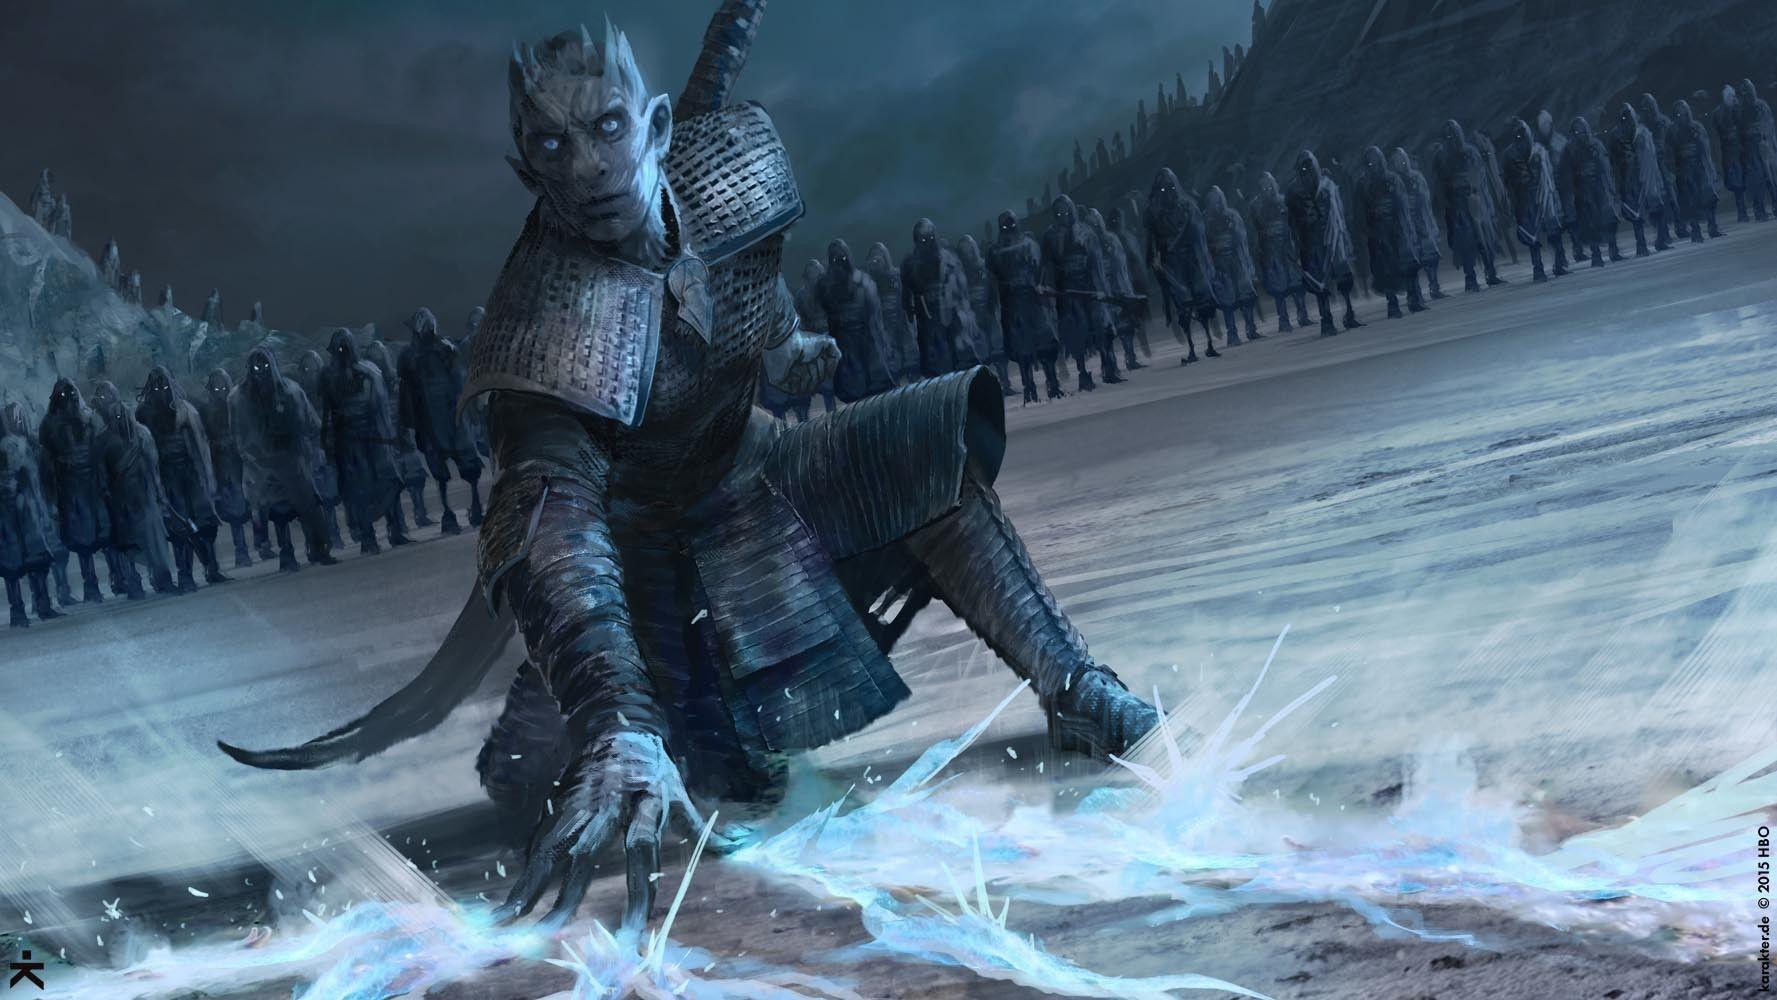 Artstation Got 6 Cave Attack Karakter Design Studio Game Of Thrones Art Concept Art King Art